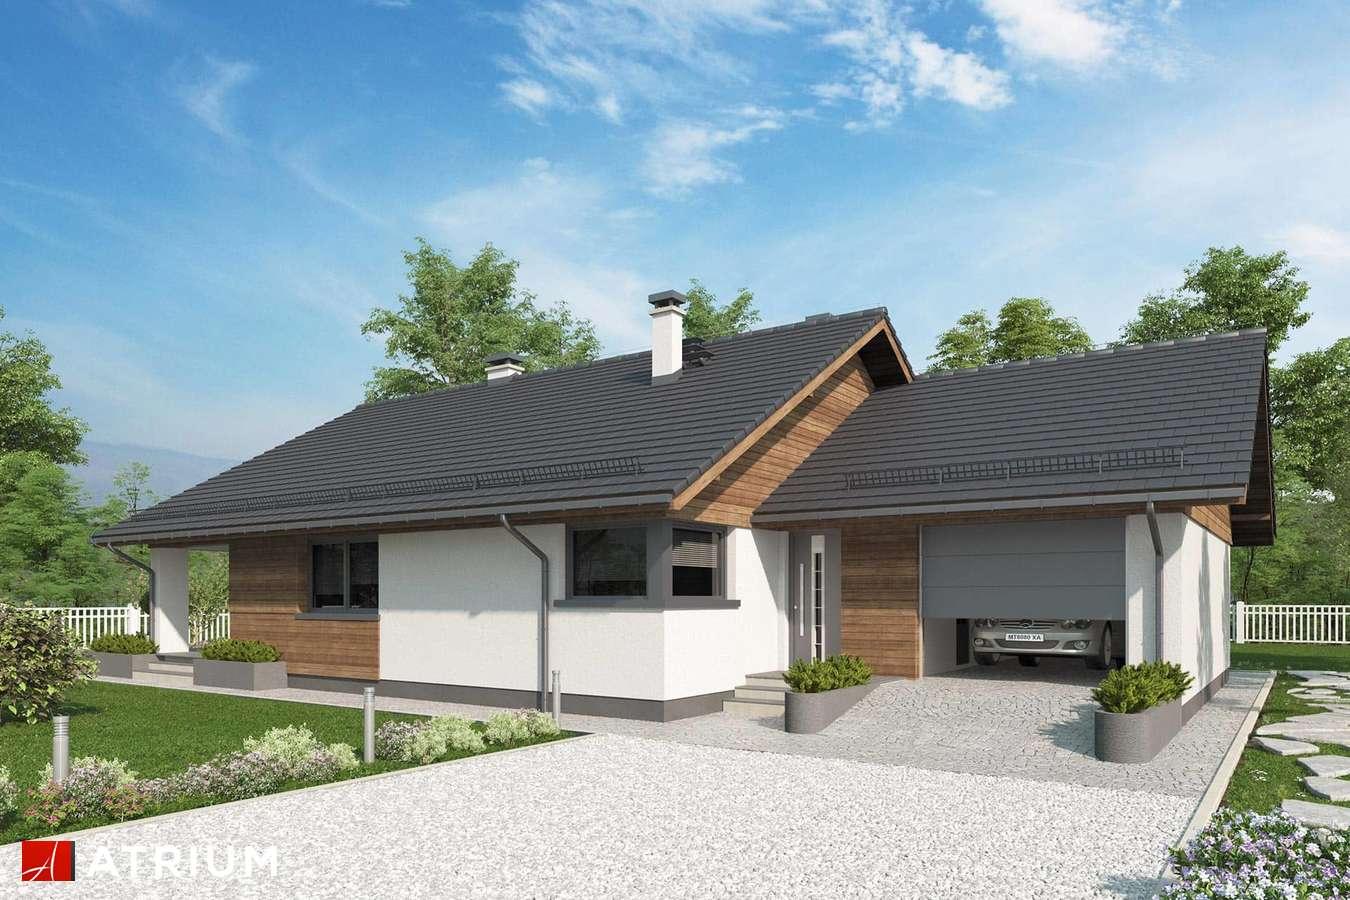 Projekty domów - Projekt domu parterowego KOS X SZ - wizualizacja 1